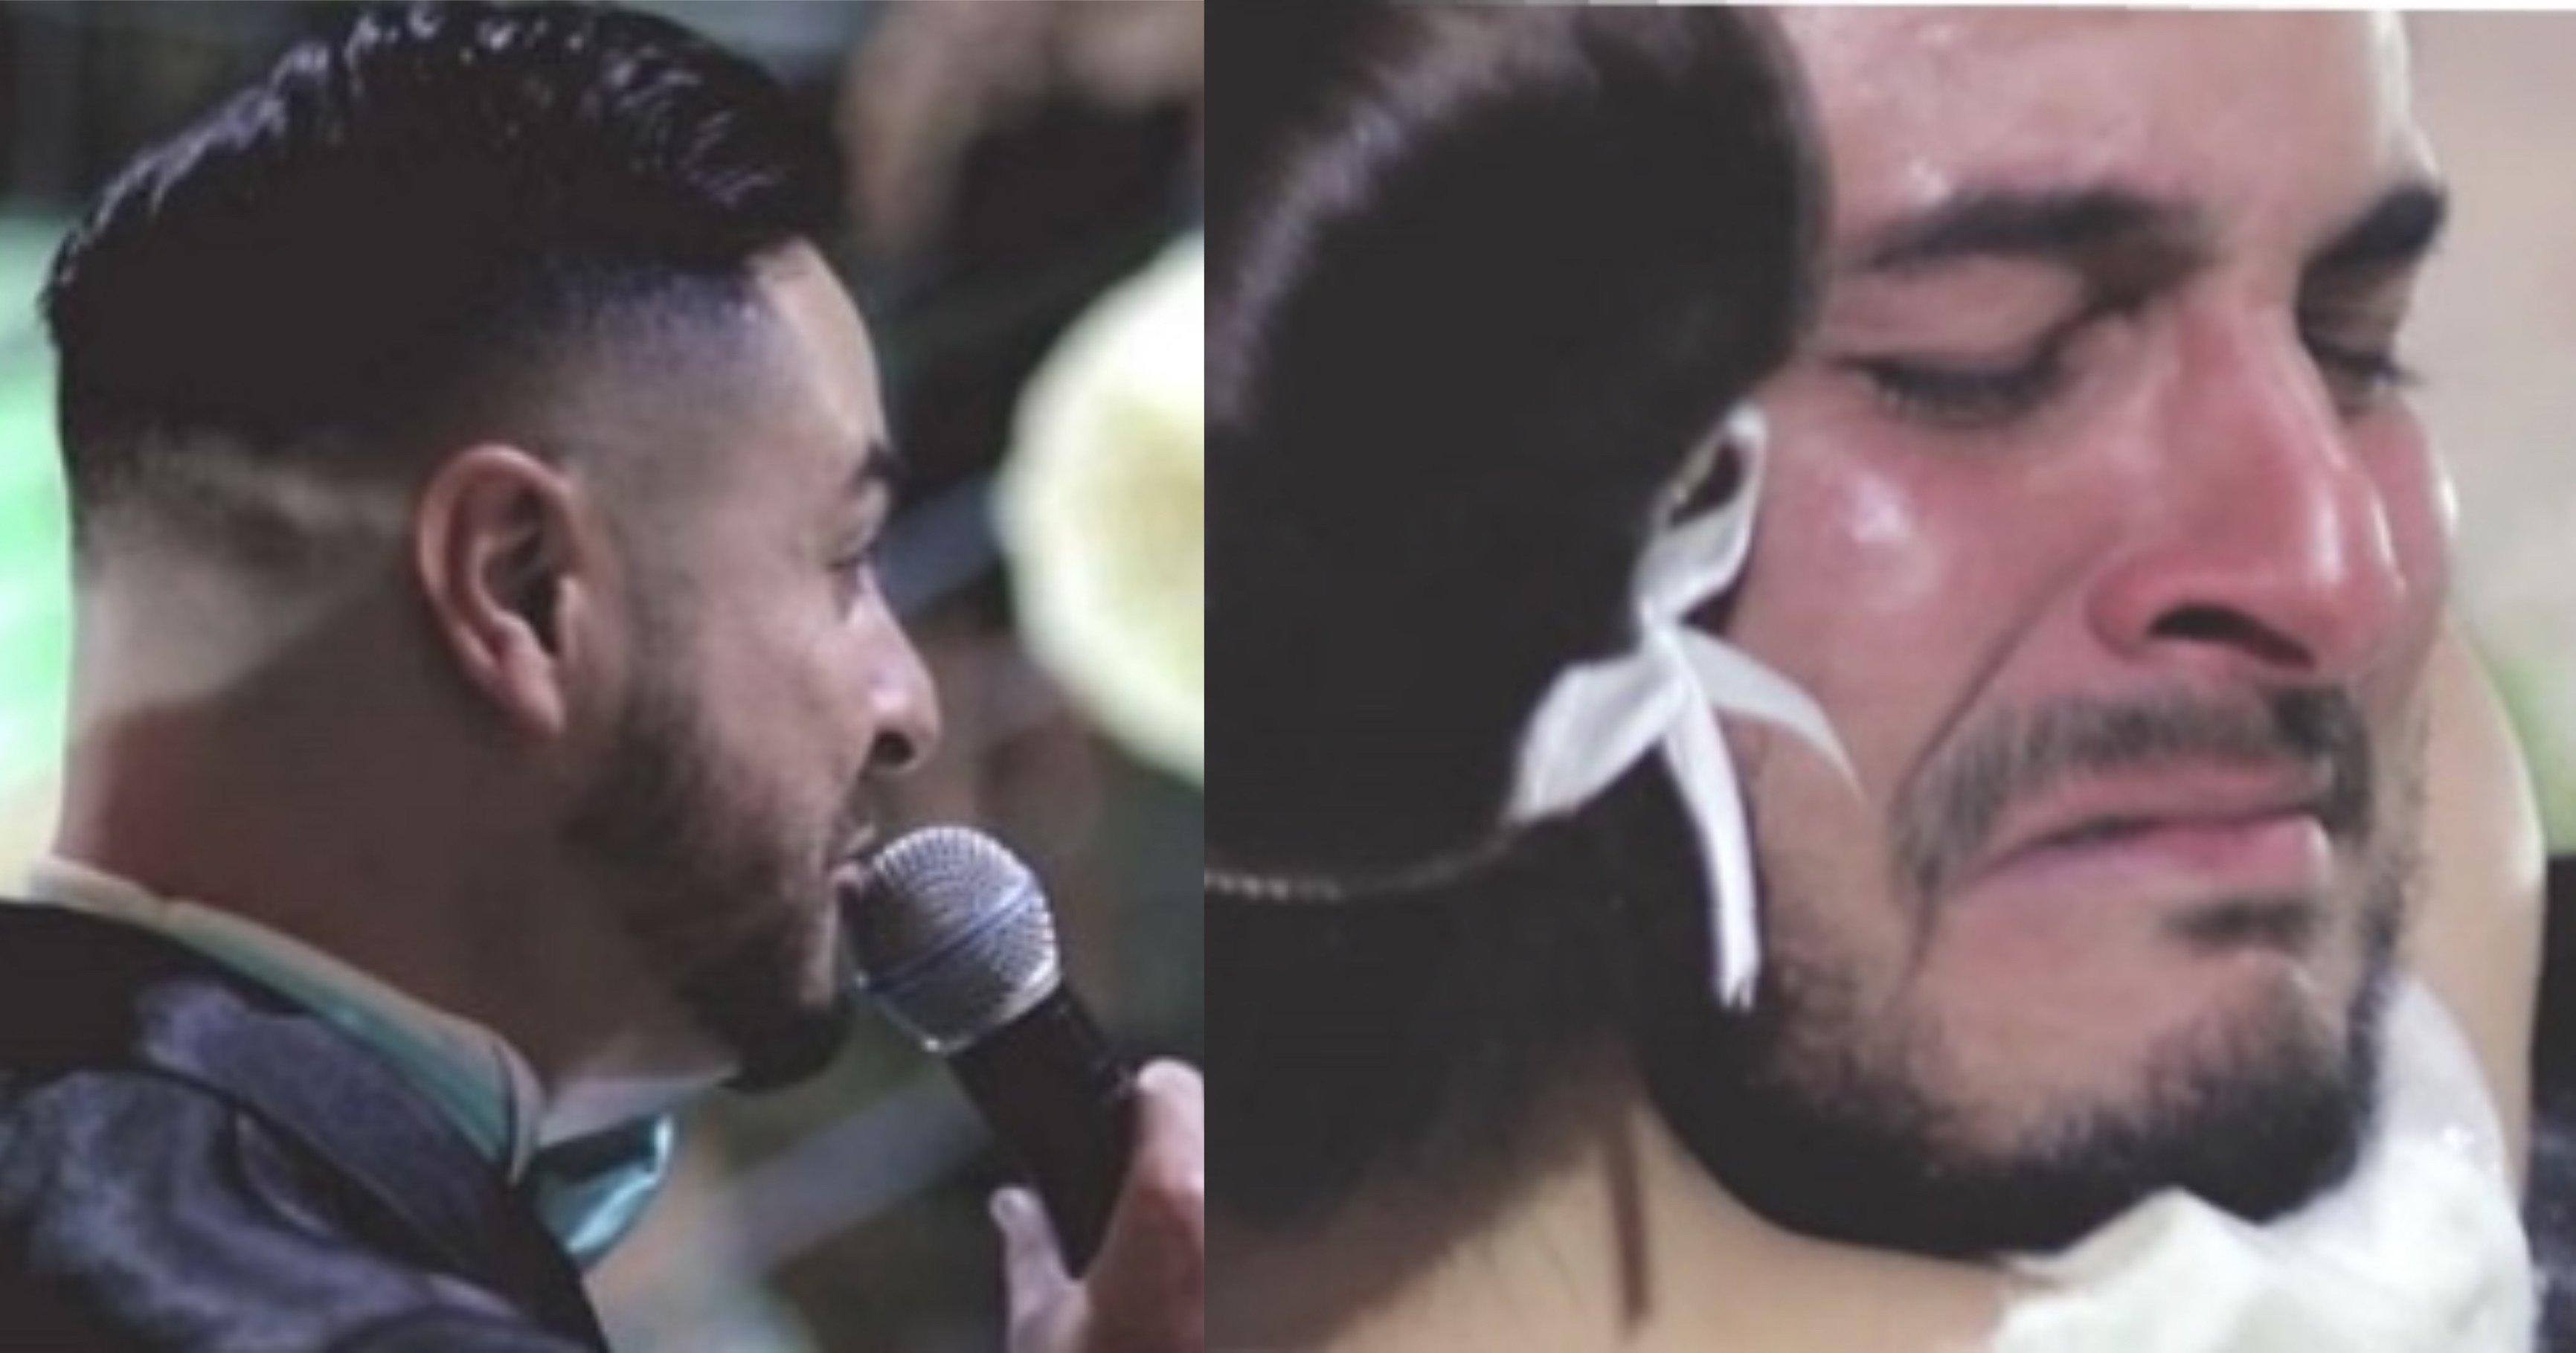 """eab3a0ebb0b1 ec8db8eb84ac.jpg?resize=412,232 - """"나 다른 사람을 사랑하고 있어...""""...결혼식 도중 신랑이 전한 말에 눈물 흘리는 신부"""